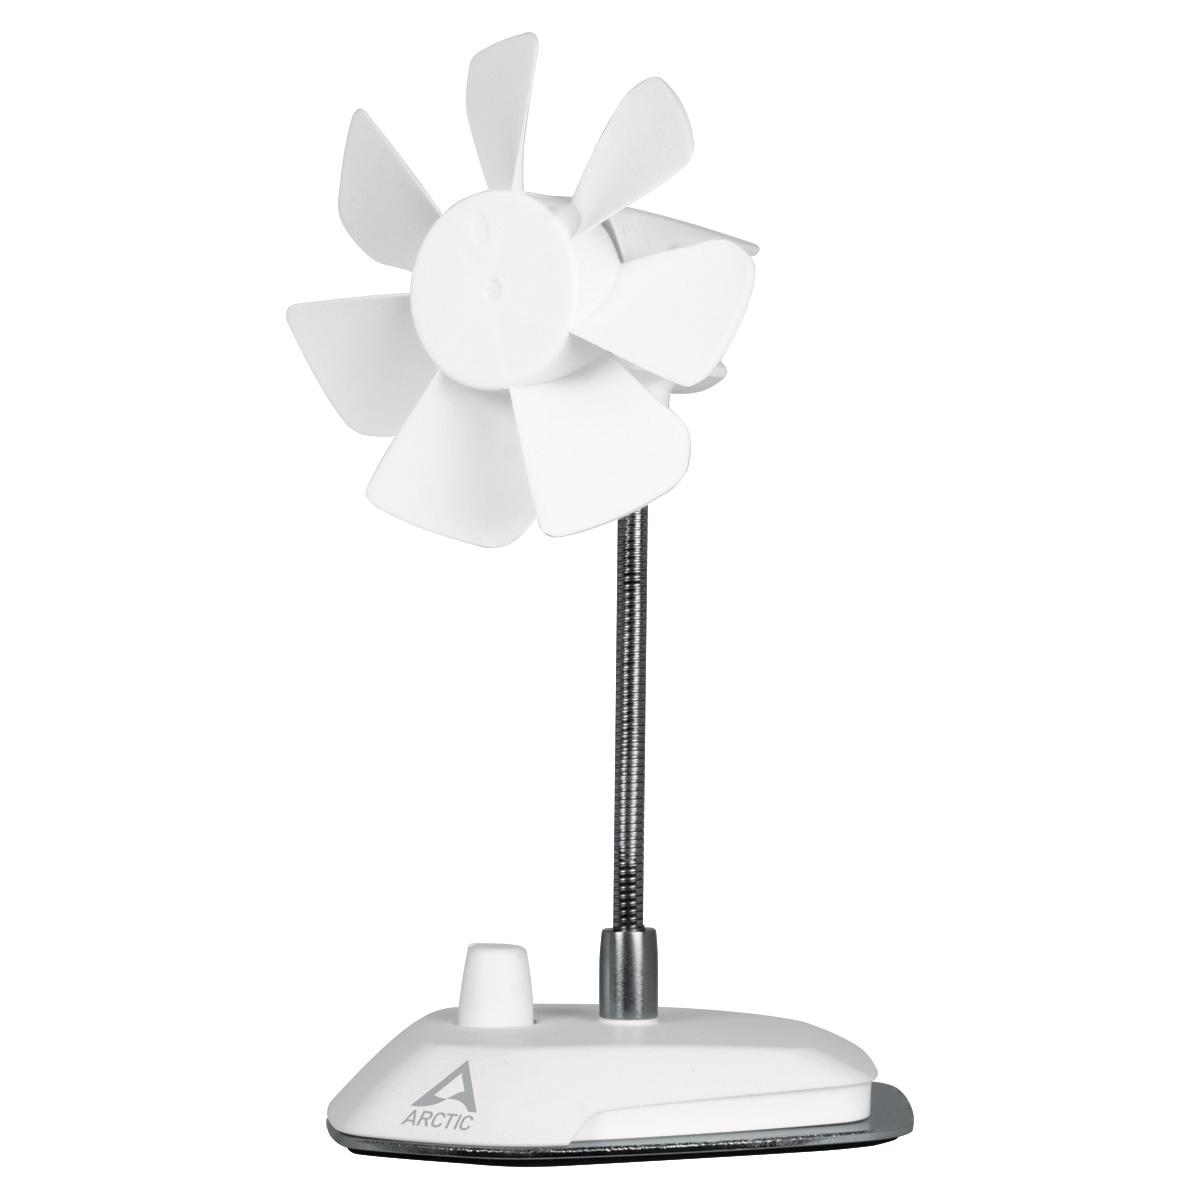 ARCTIC Breeze Color Edition WHITE - USB desktop fan - ABACO-BRZWH01-BL